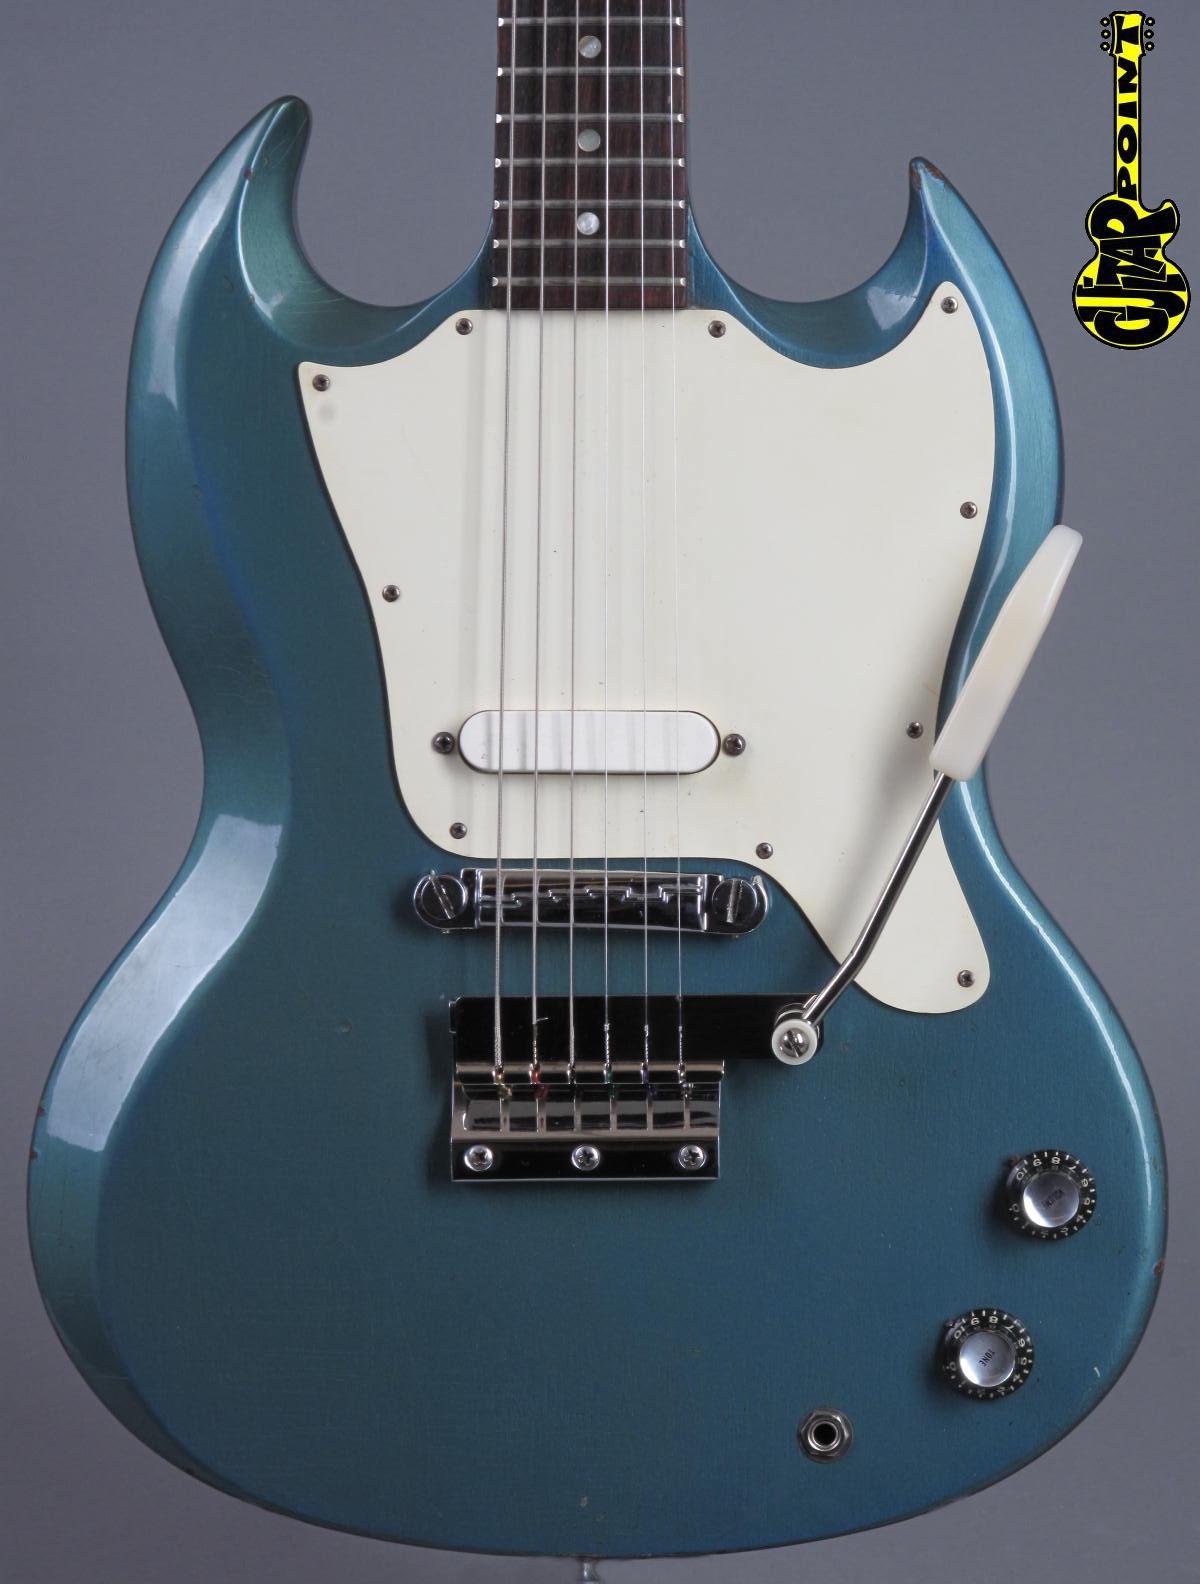 1968 Gibson SG Melody Maker - Pelham Blue Metallic